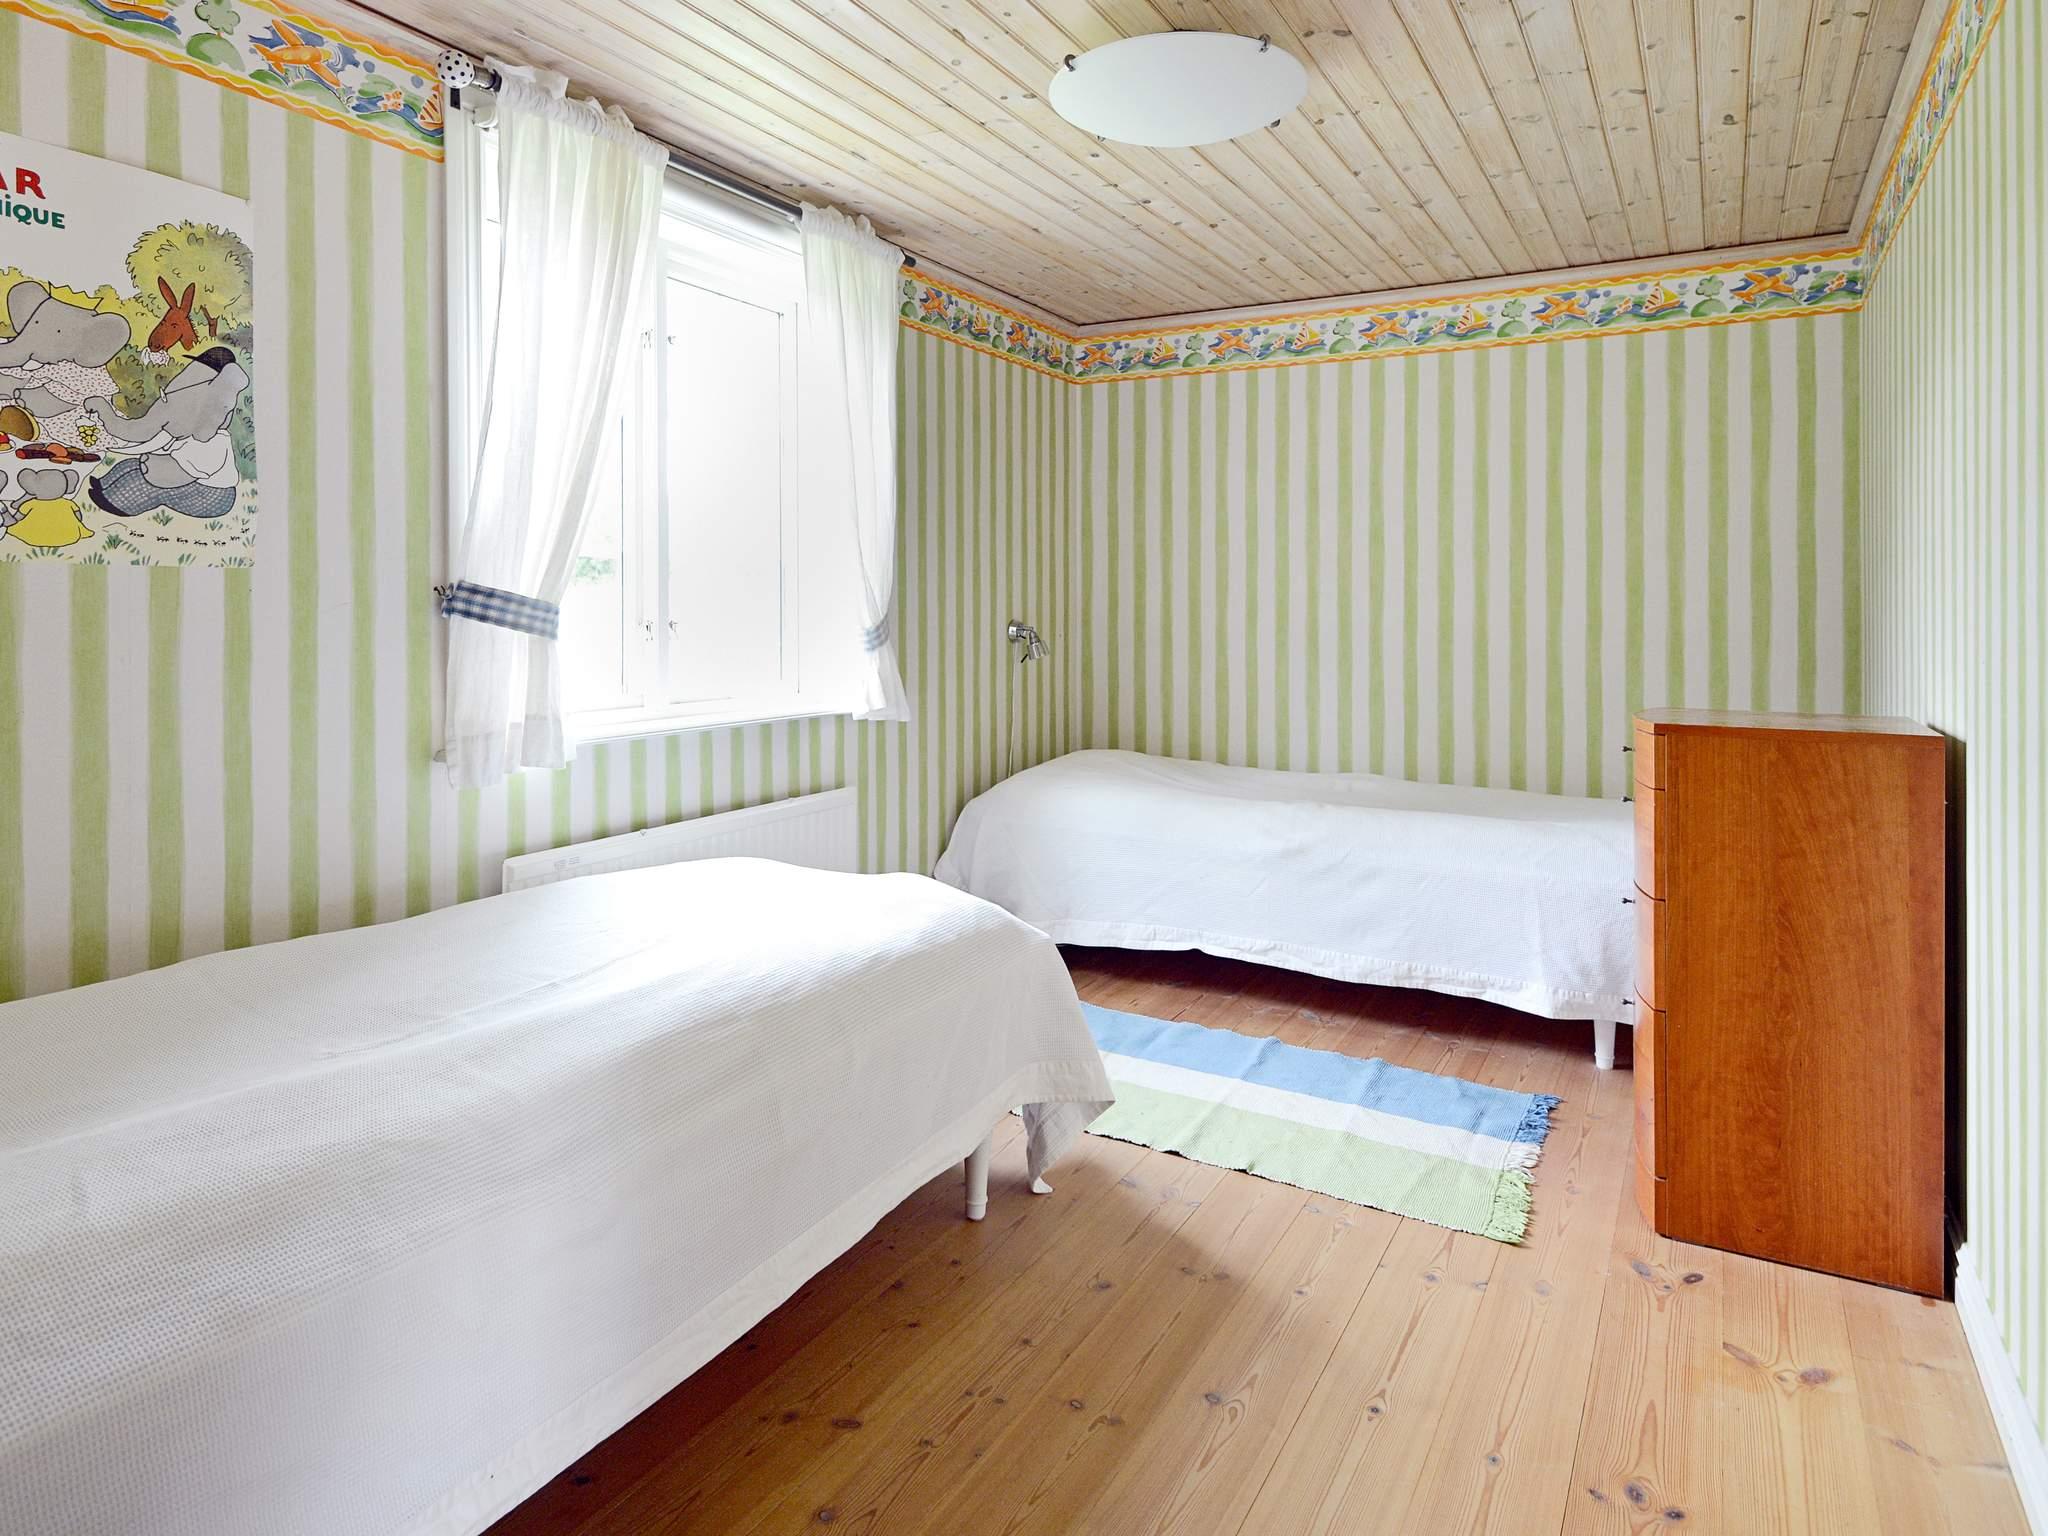 Ferienhaus Strängnäs (93280), Strängnäs, Södermanlands län, Mittelschweden, Schweden, Bild 9